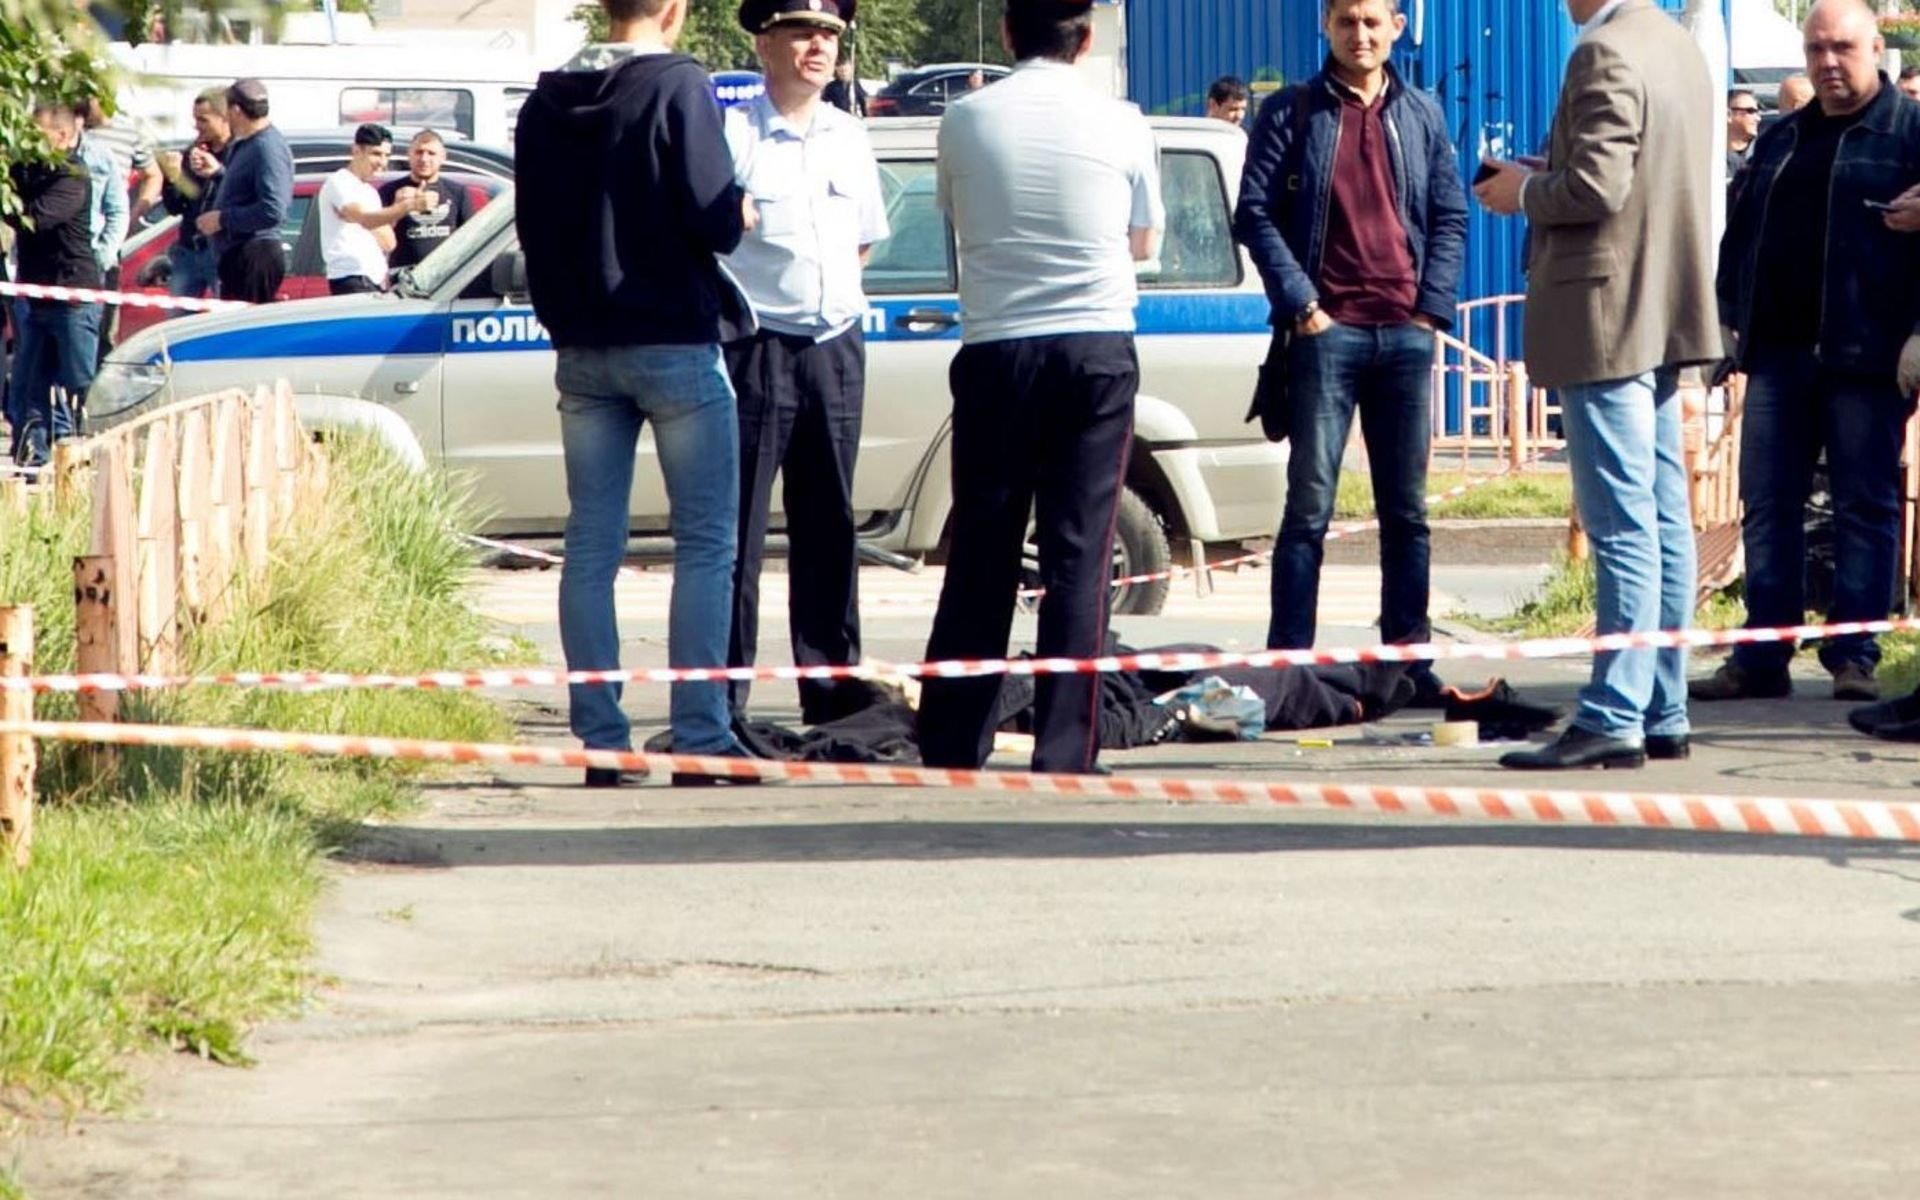 Резня в Сургуте не была случайным эпизодом